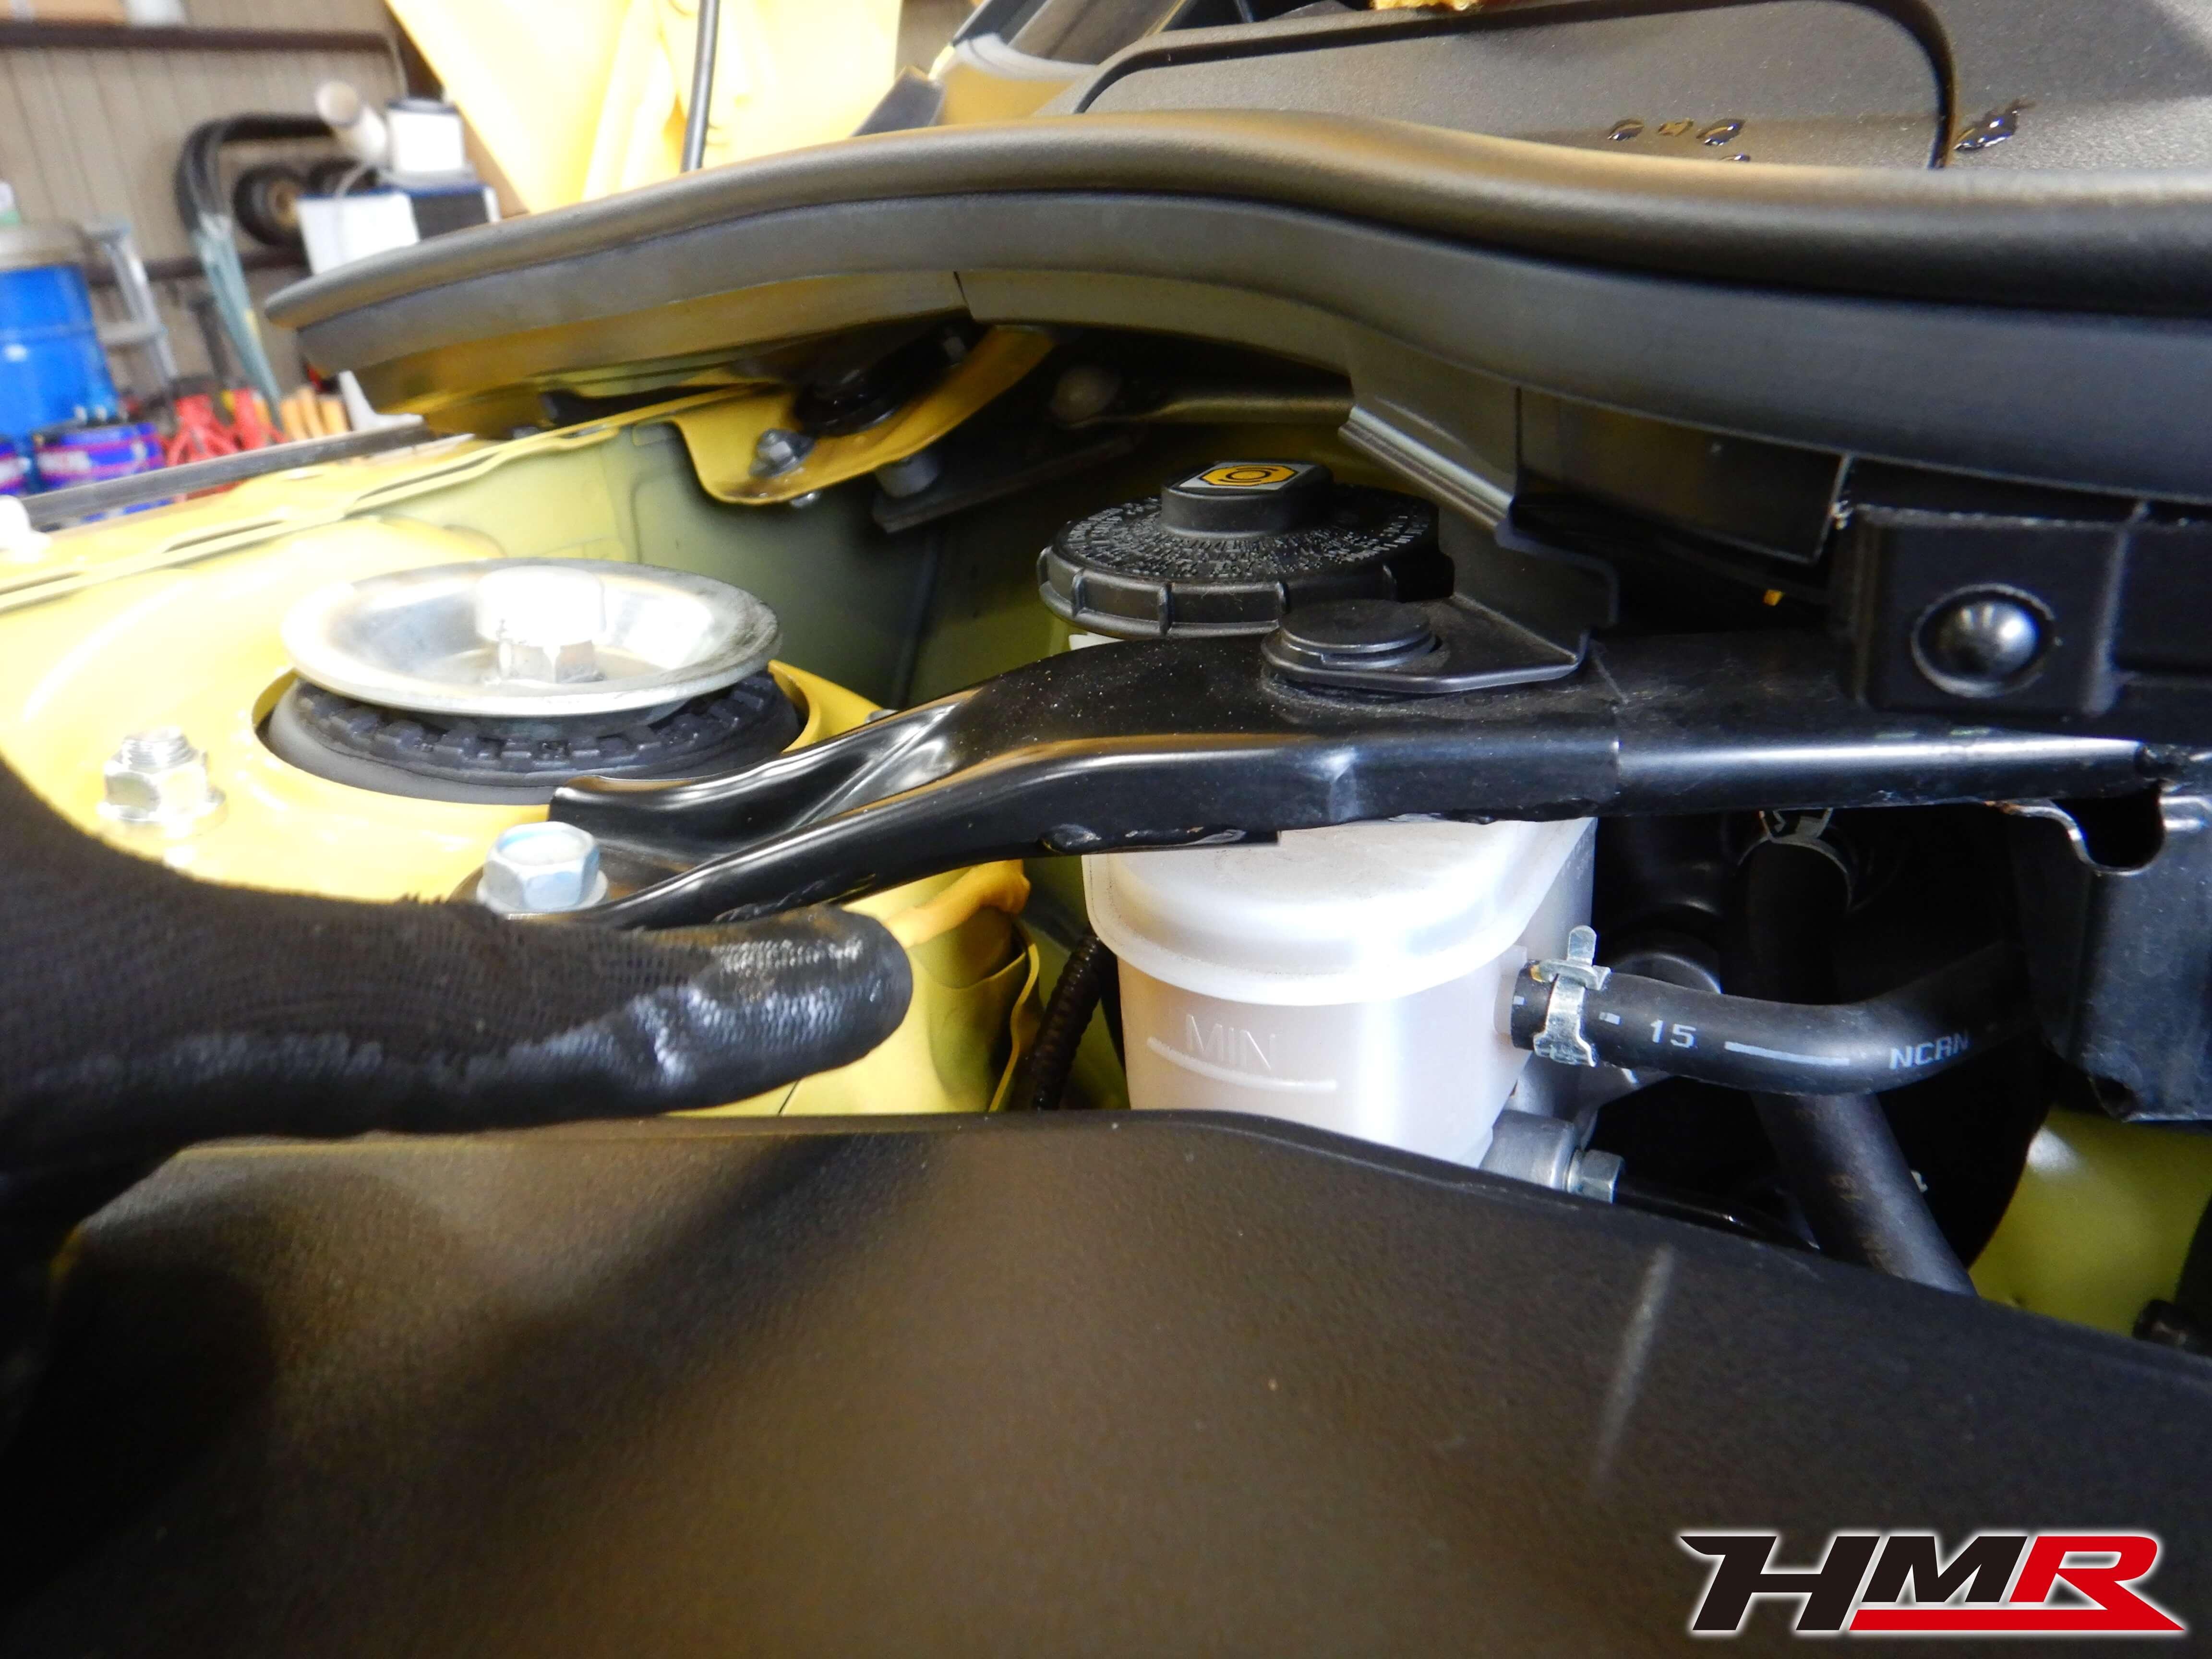 S660 JW5 ブレーキマスター点検